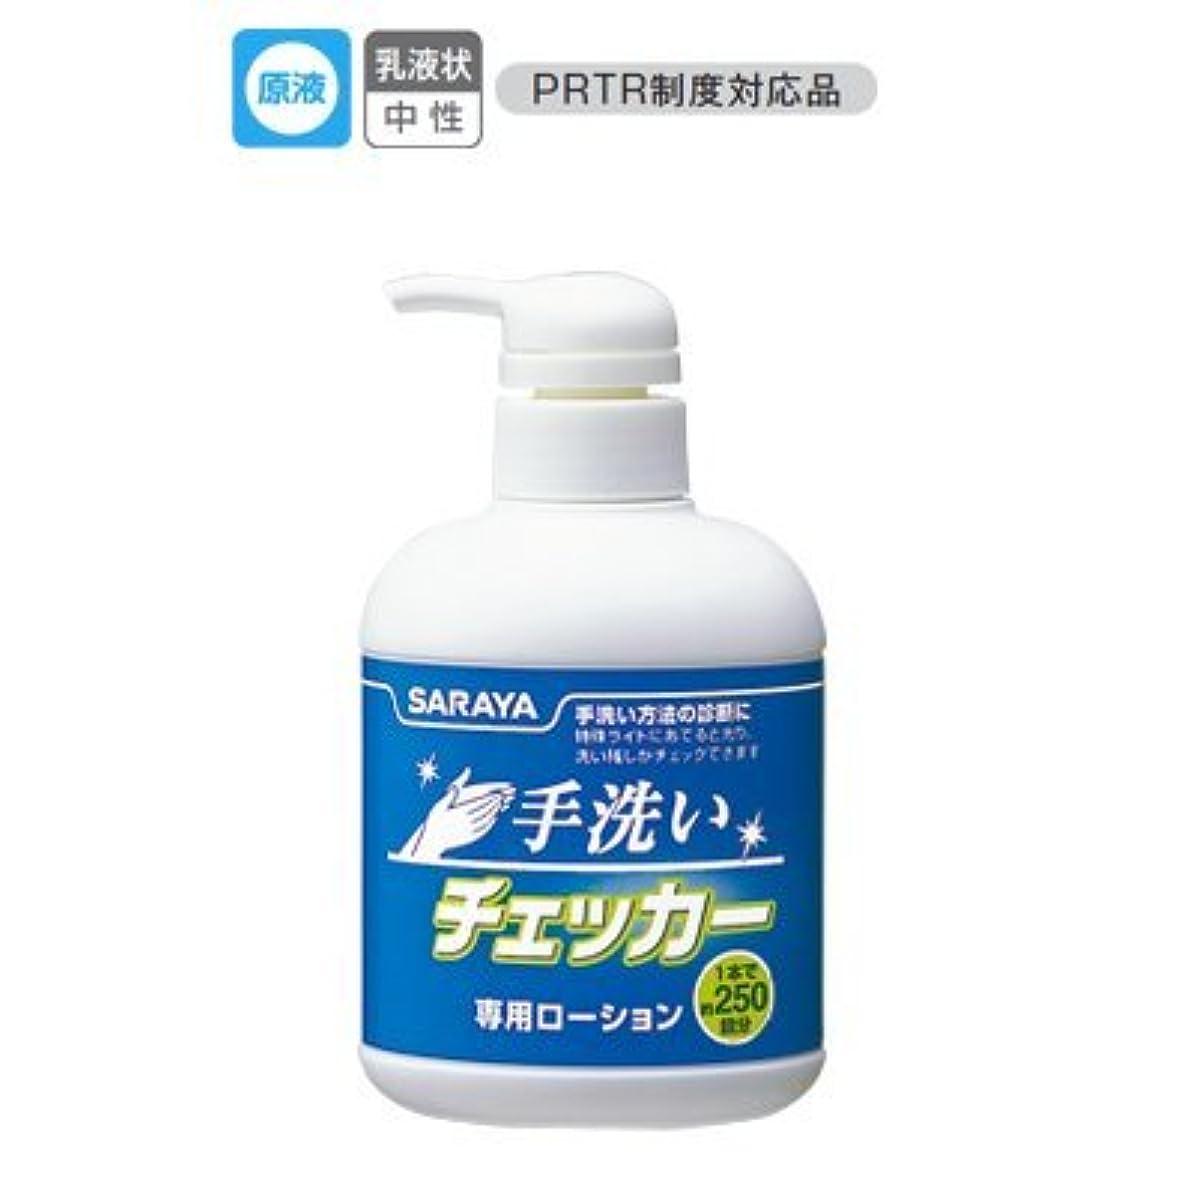 汚染されたオークランド常習的サラヤ 手洗いチェッカー 専用ローション 250mL【清潔キレイ館】